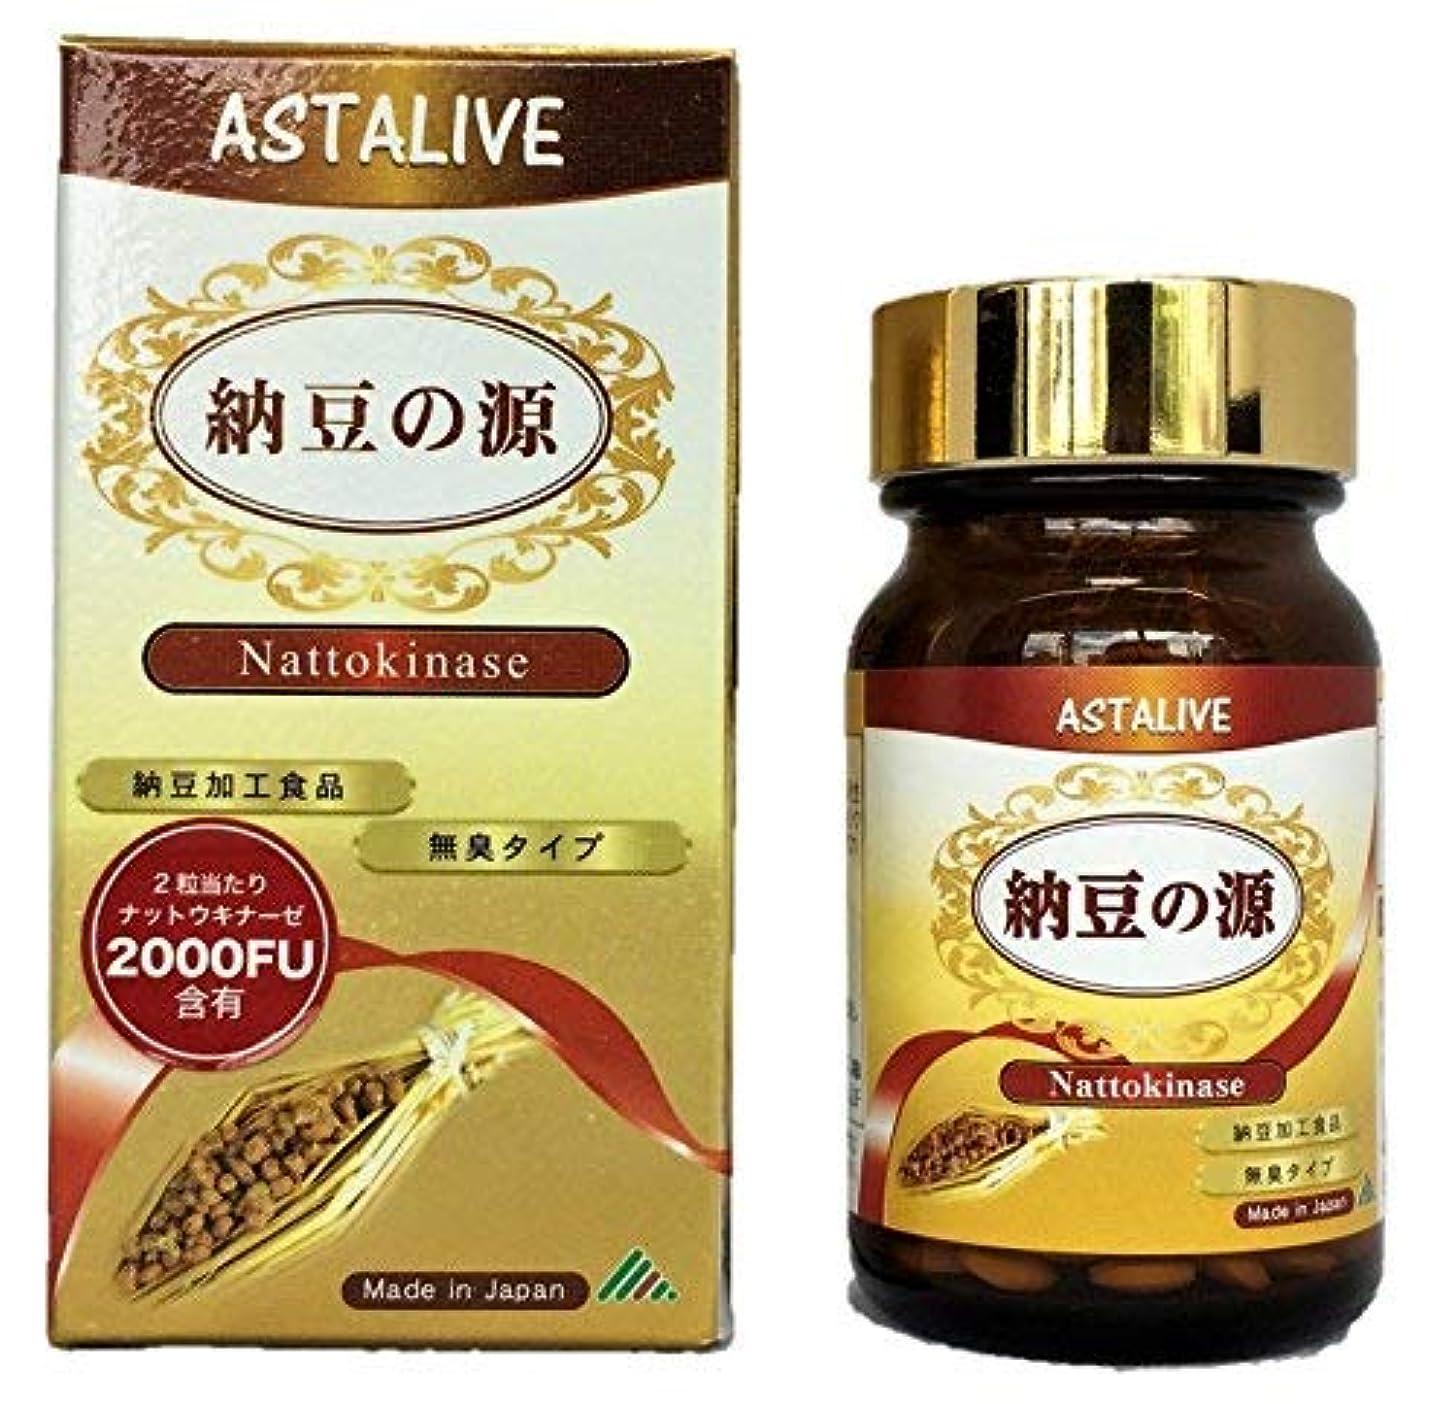 ブレークコンパス冒険家ASTALIVE(アスタライブ) 納豆の源 ナットウキナーゼ 60粒( 無臭タイプ) (1)